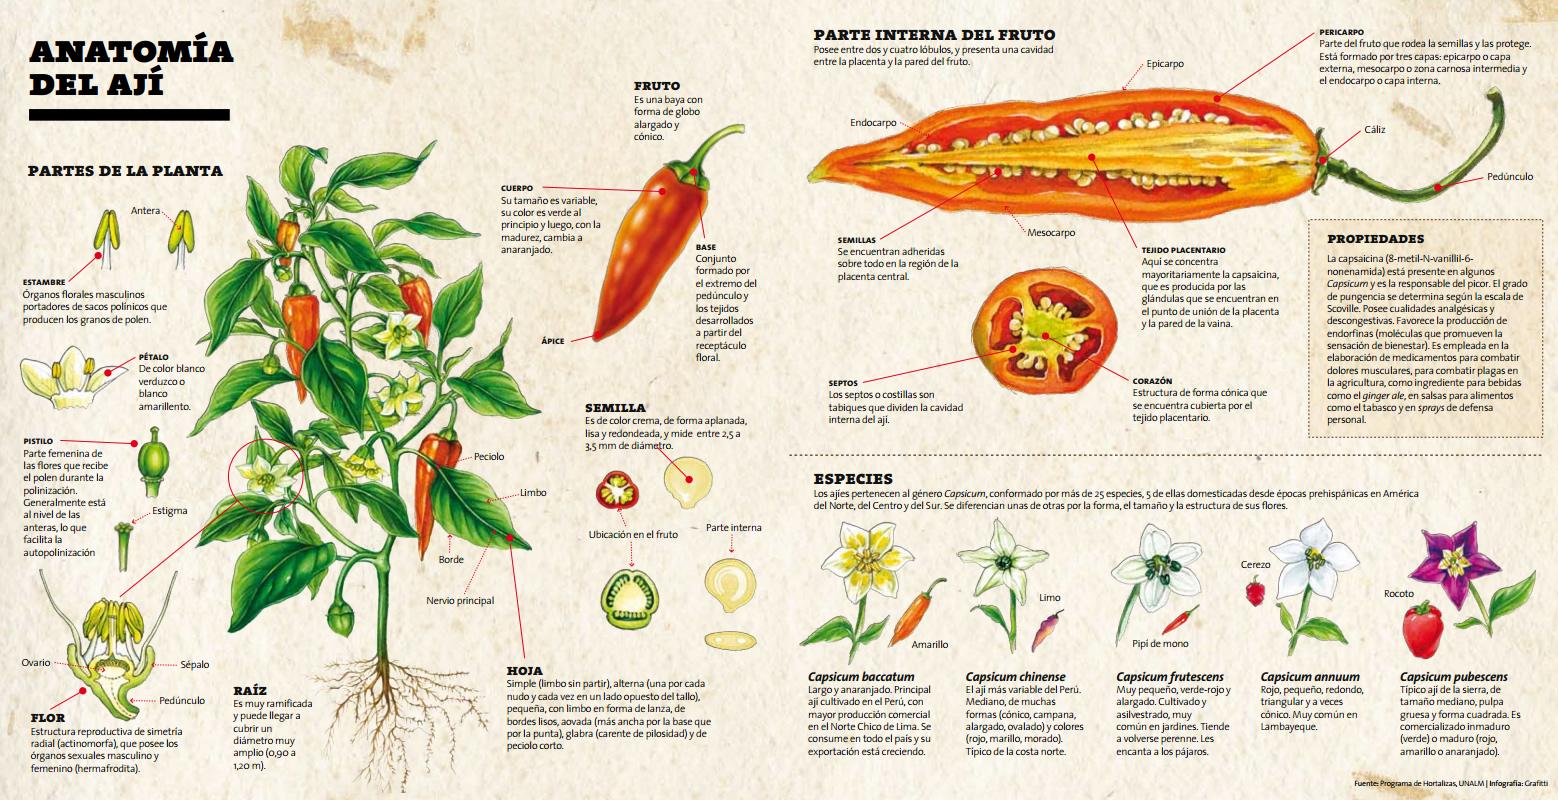 Yo No Soy Cocinero...: Anatomia del Aji